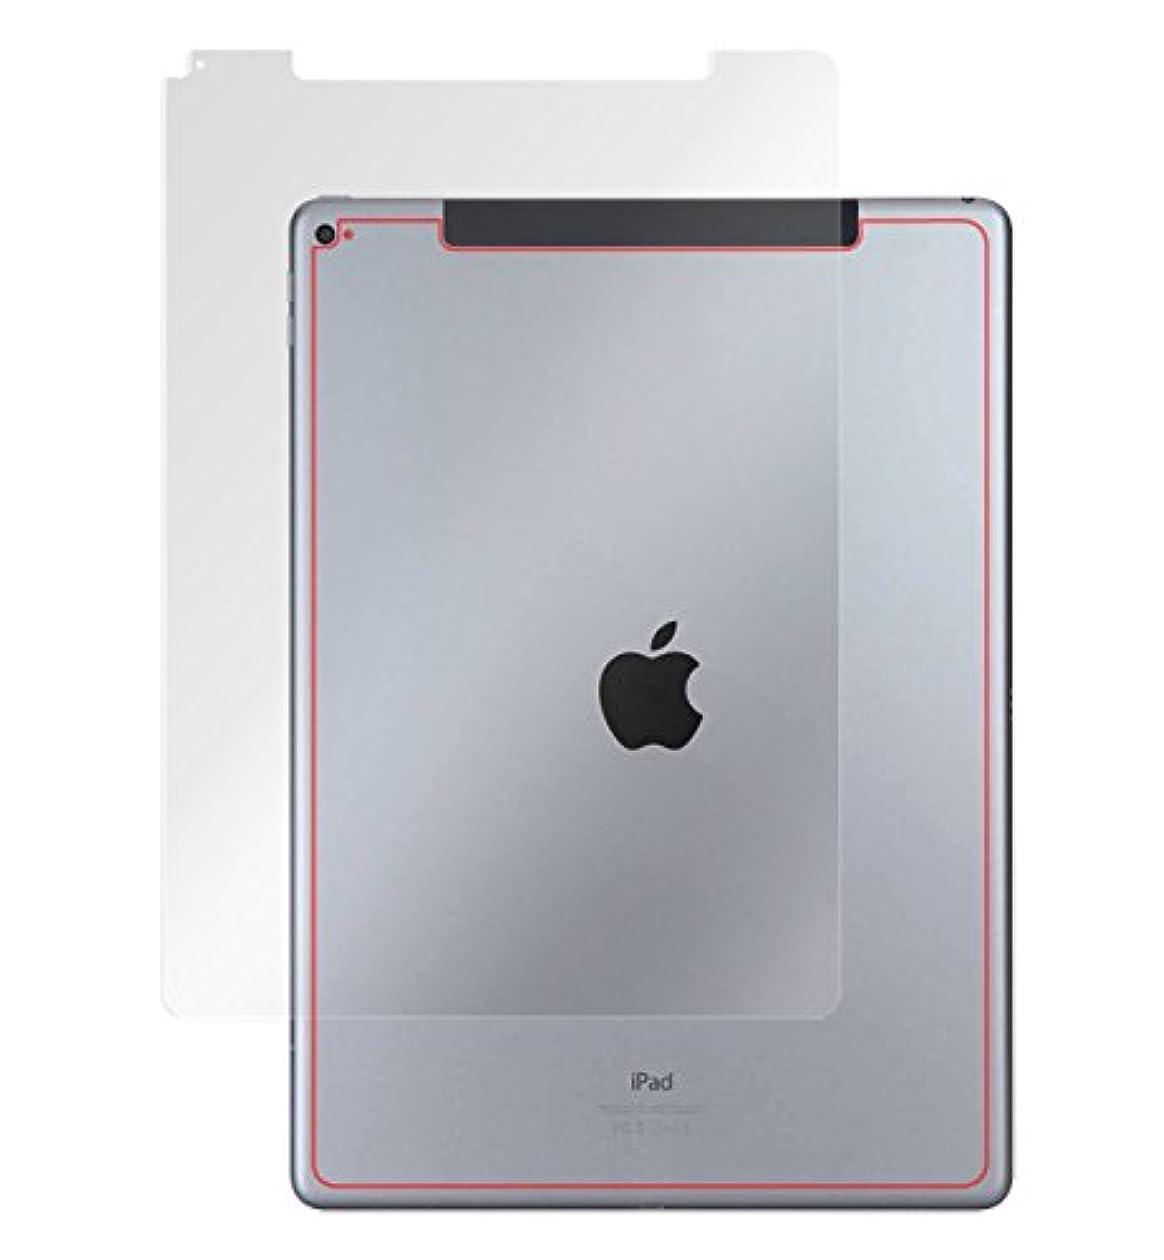 チョコレート一元化する売り手OverLay Magic for iPad Pro 12.9インチ (2015) (Wi-Fi + Cellularモデル) 裏面 保護 シート 傷修復 耐指紋 防指紋 フィルム プロテクター OMIPADPROC/B/1